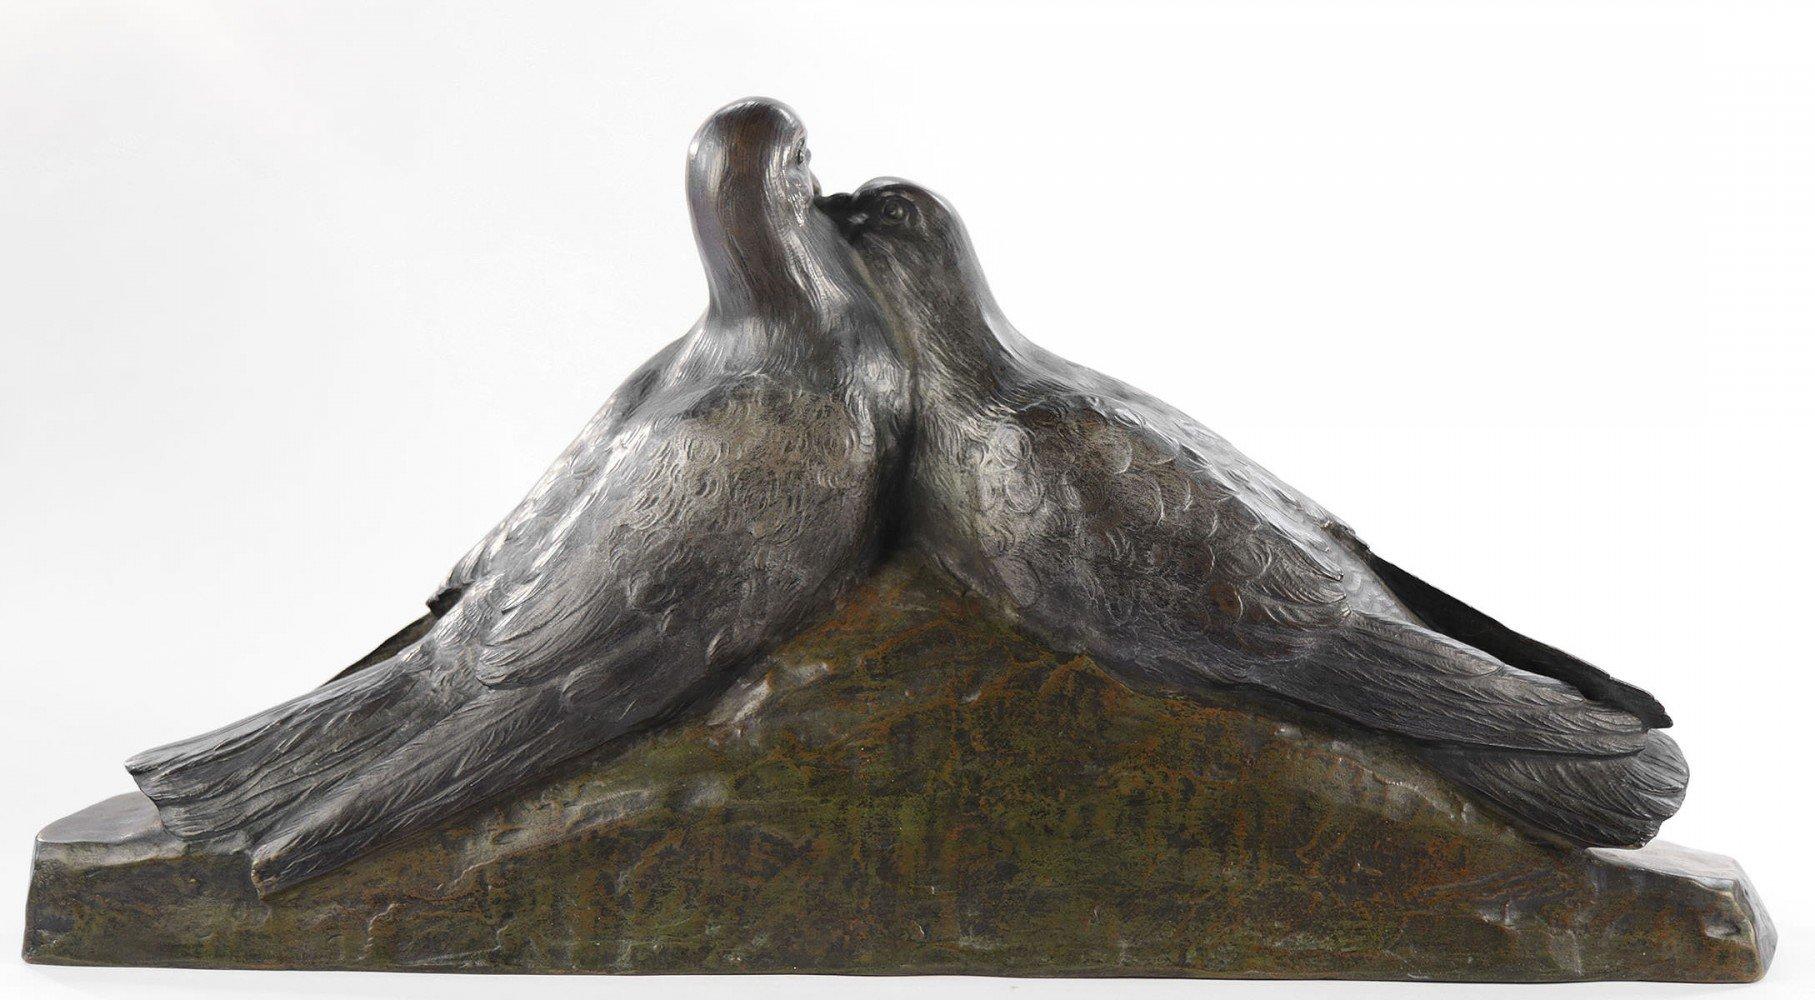 Pair of Lovebirds by Giuseppe D'Aste